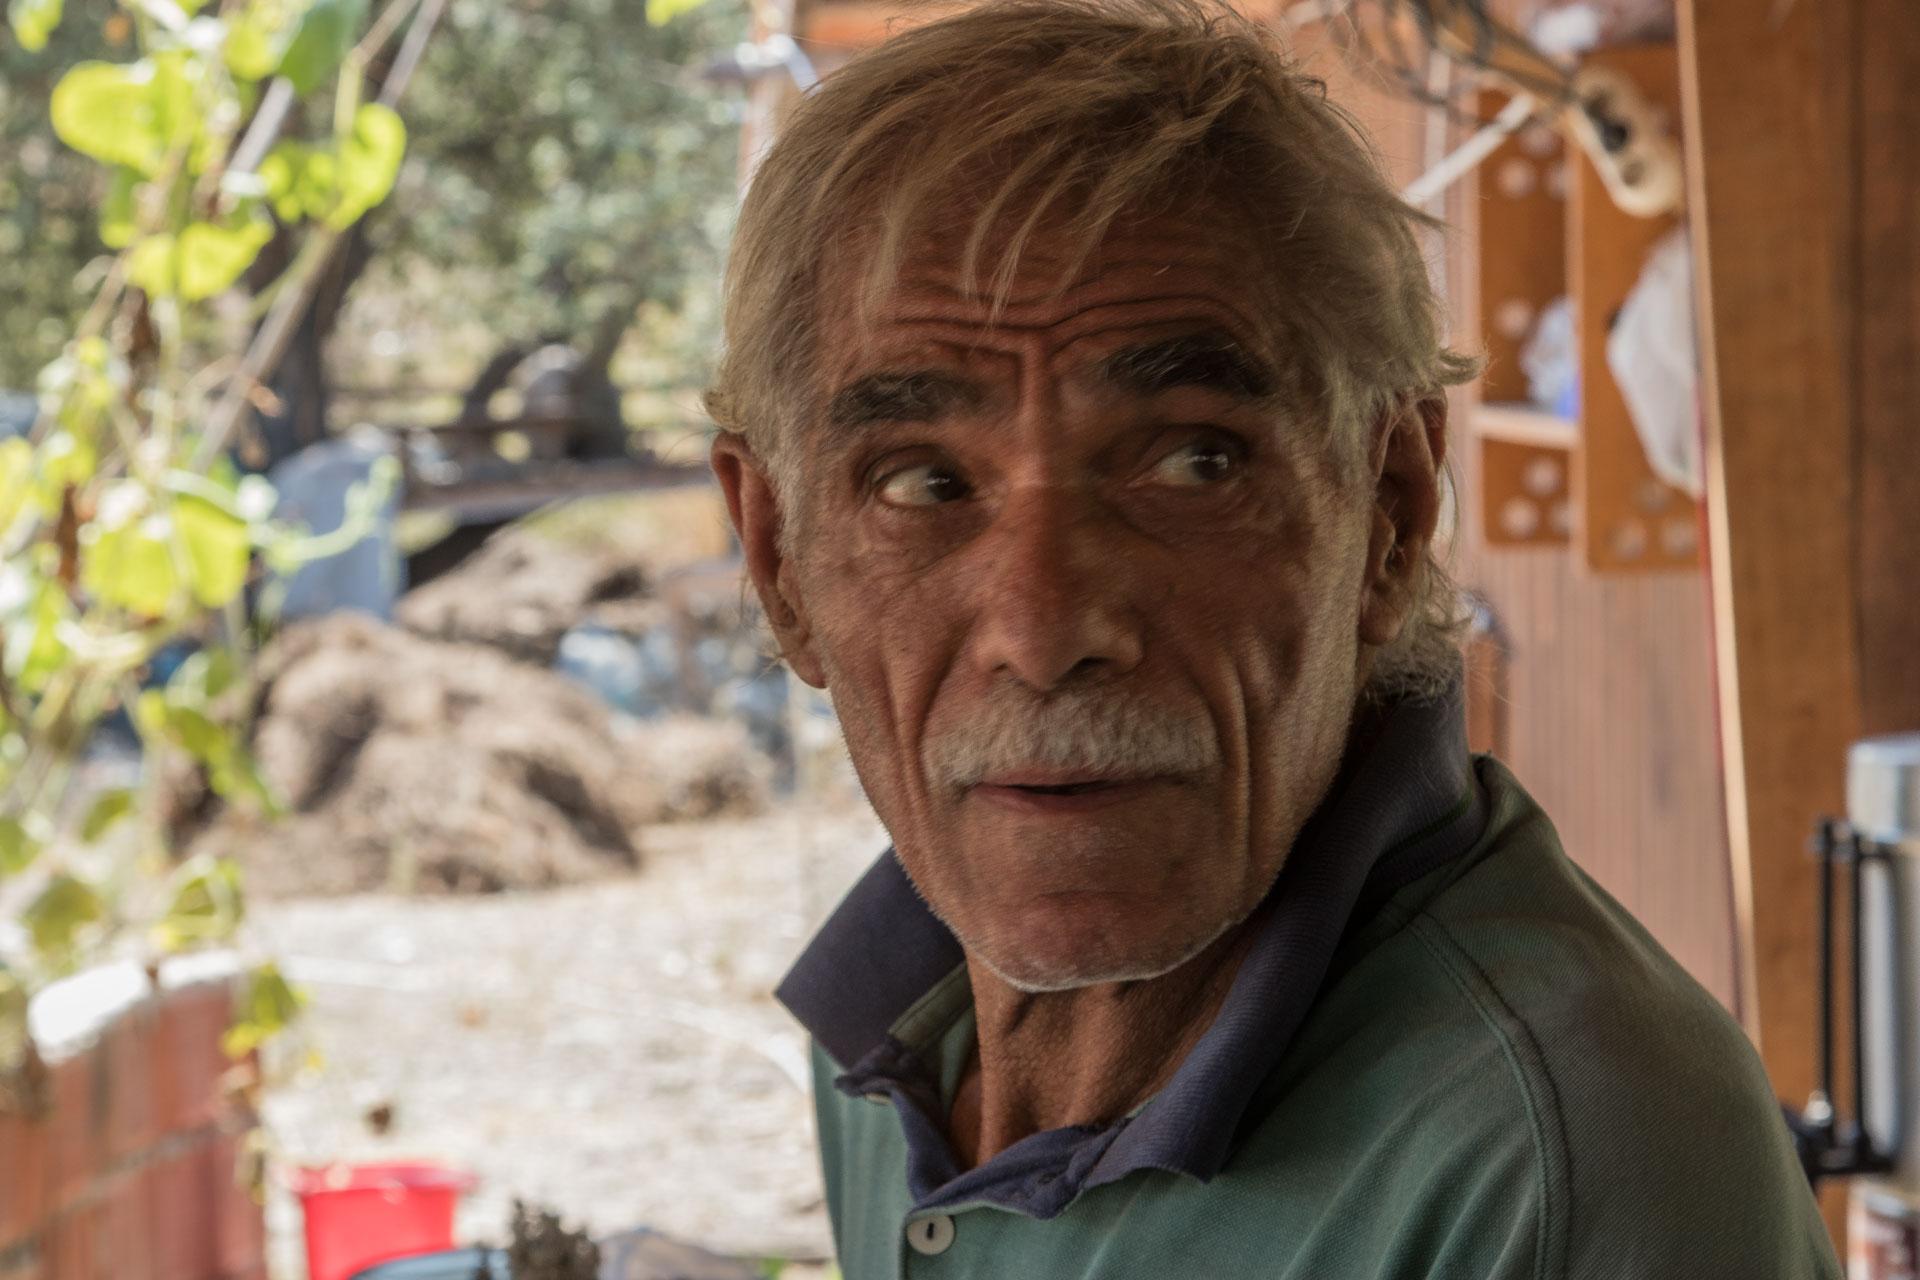 Bayır Köyü Eski Yağhane Marmaris Muğla Türkiye Çekergezer Hakan Aydın Fotoğrafları Gezgin Fotoğrafçı